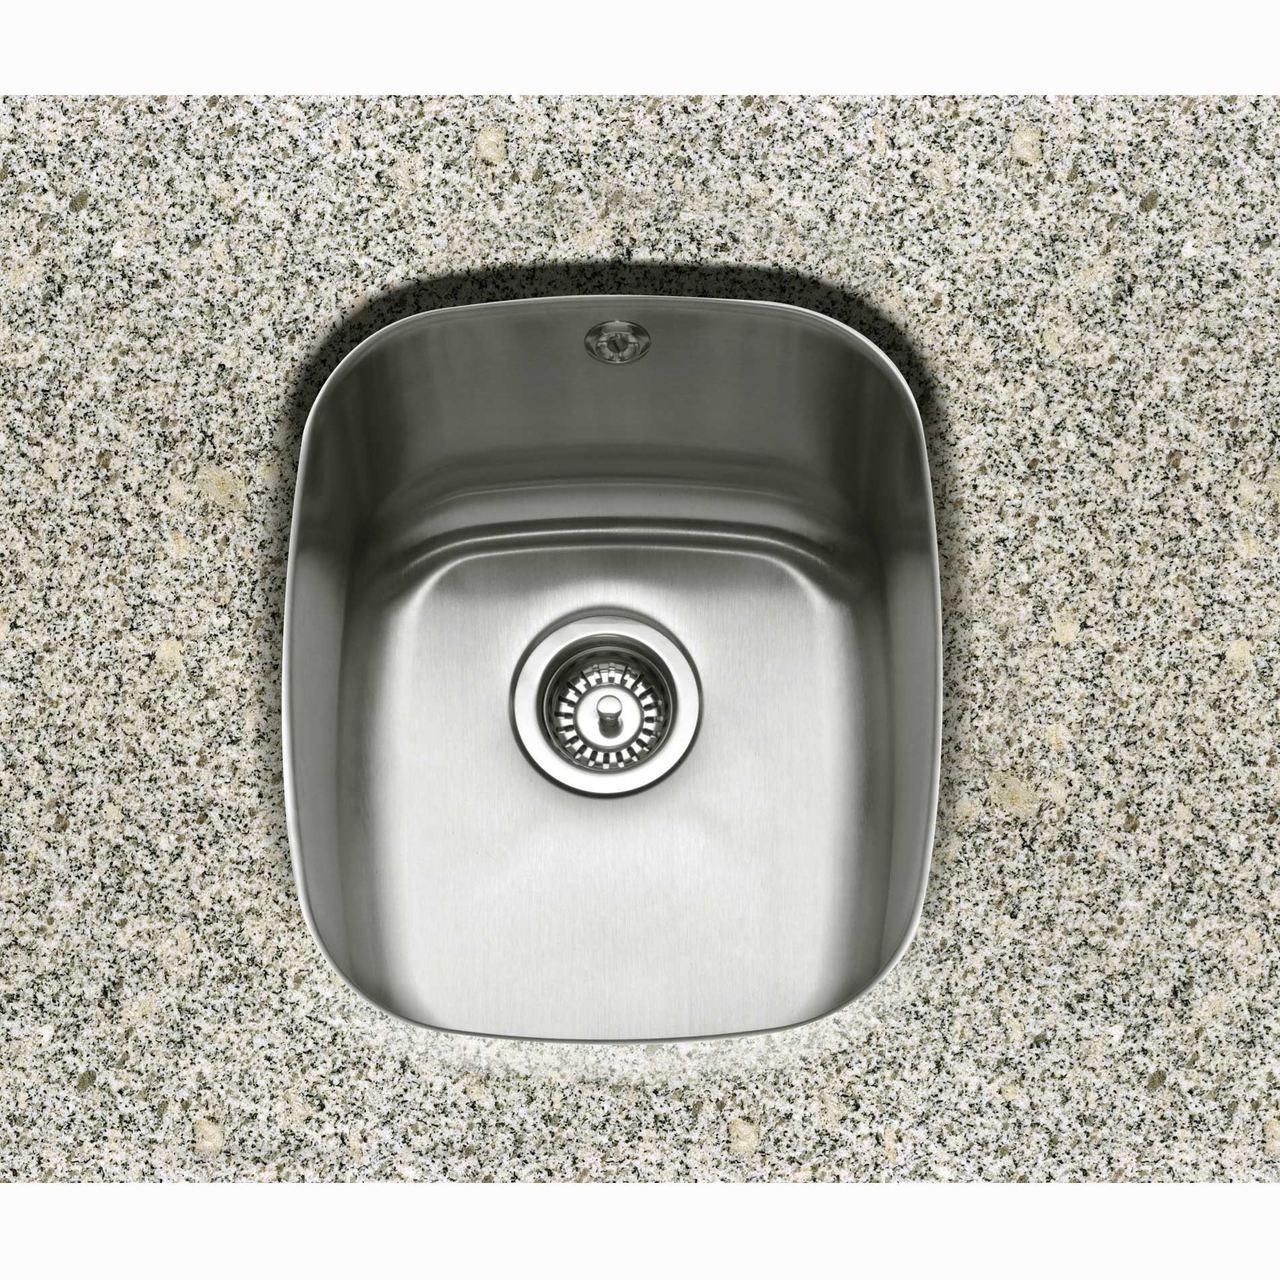 Caple Form 33 Kitchen Sink - Sinks